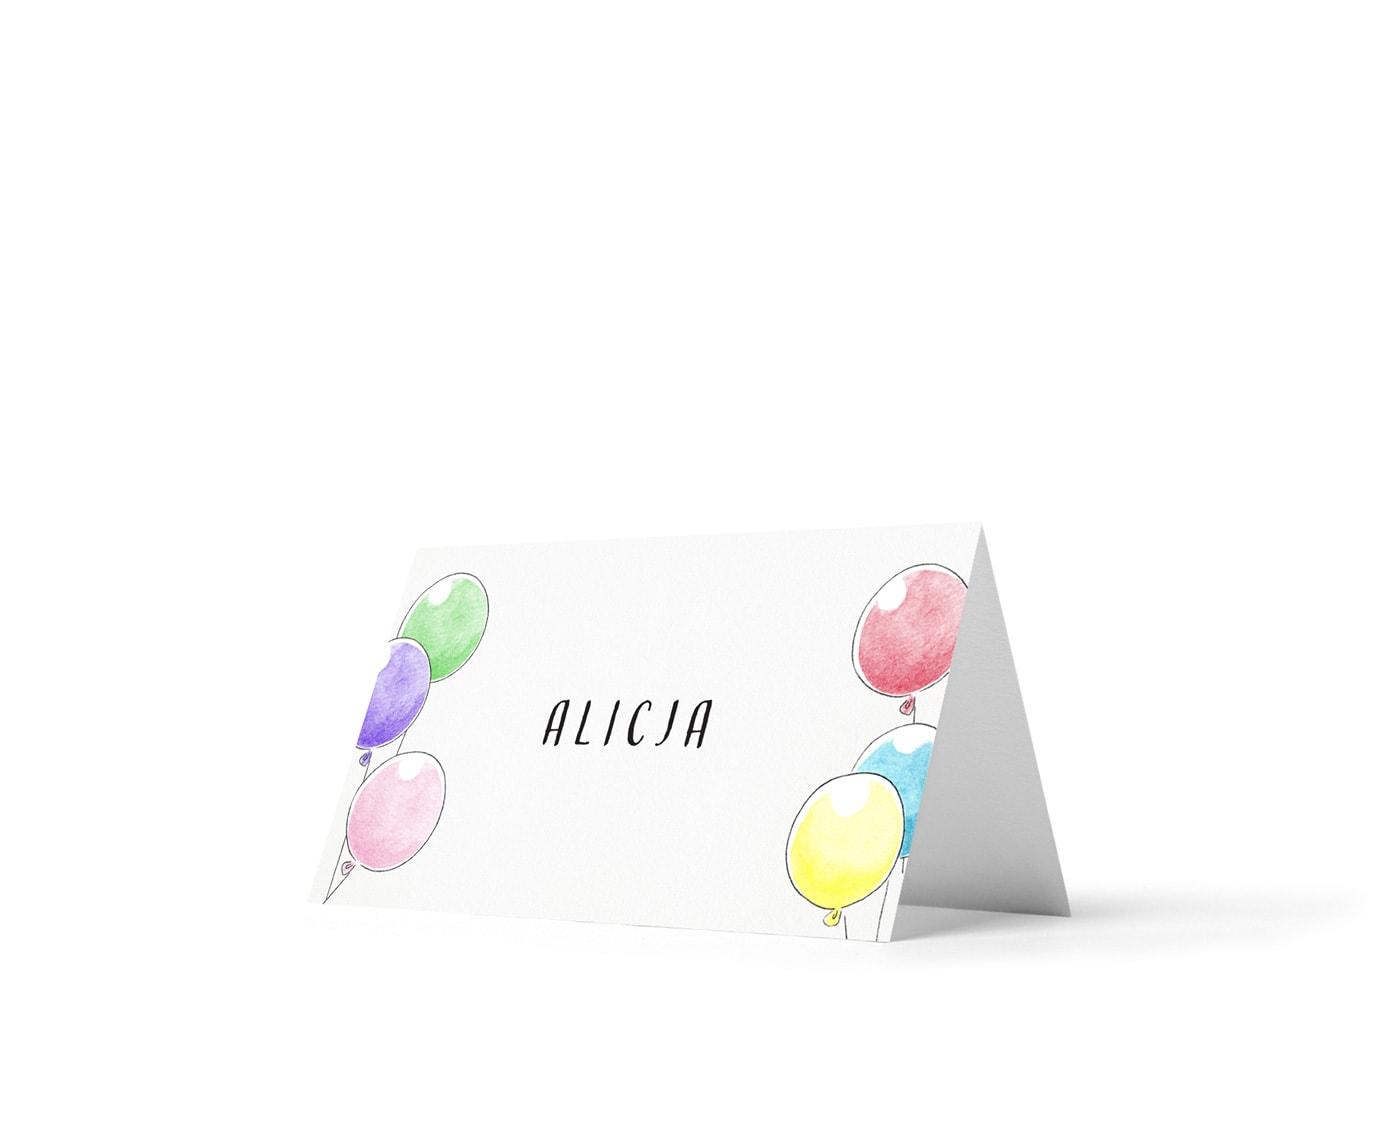 Winietki z imionami dzieci i rysunkiem dużych kolorowych balonów